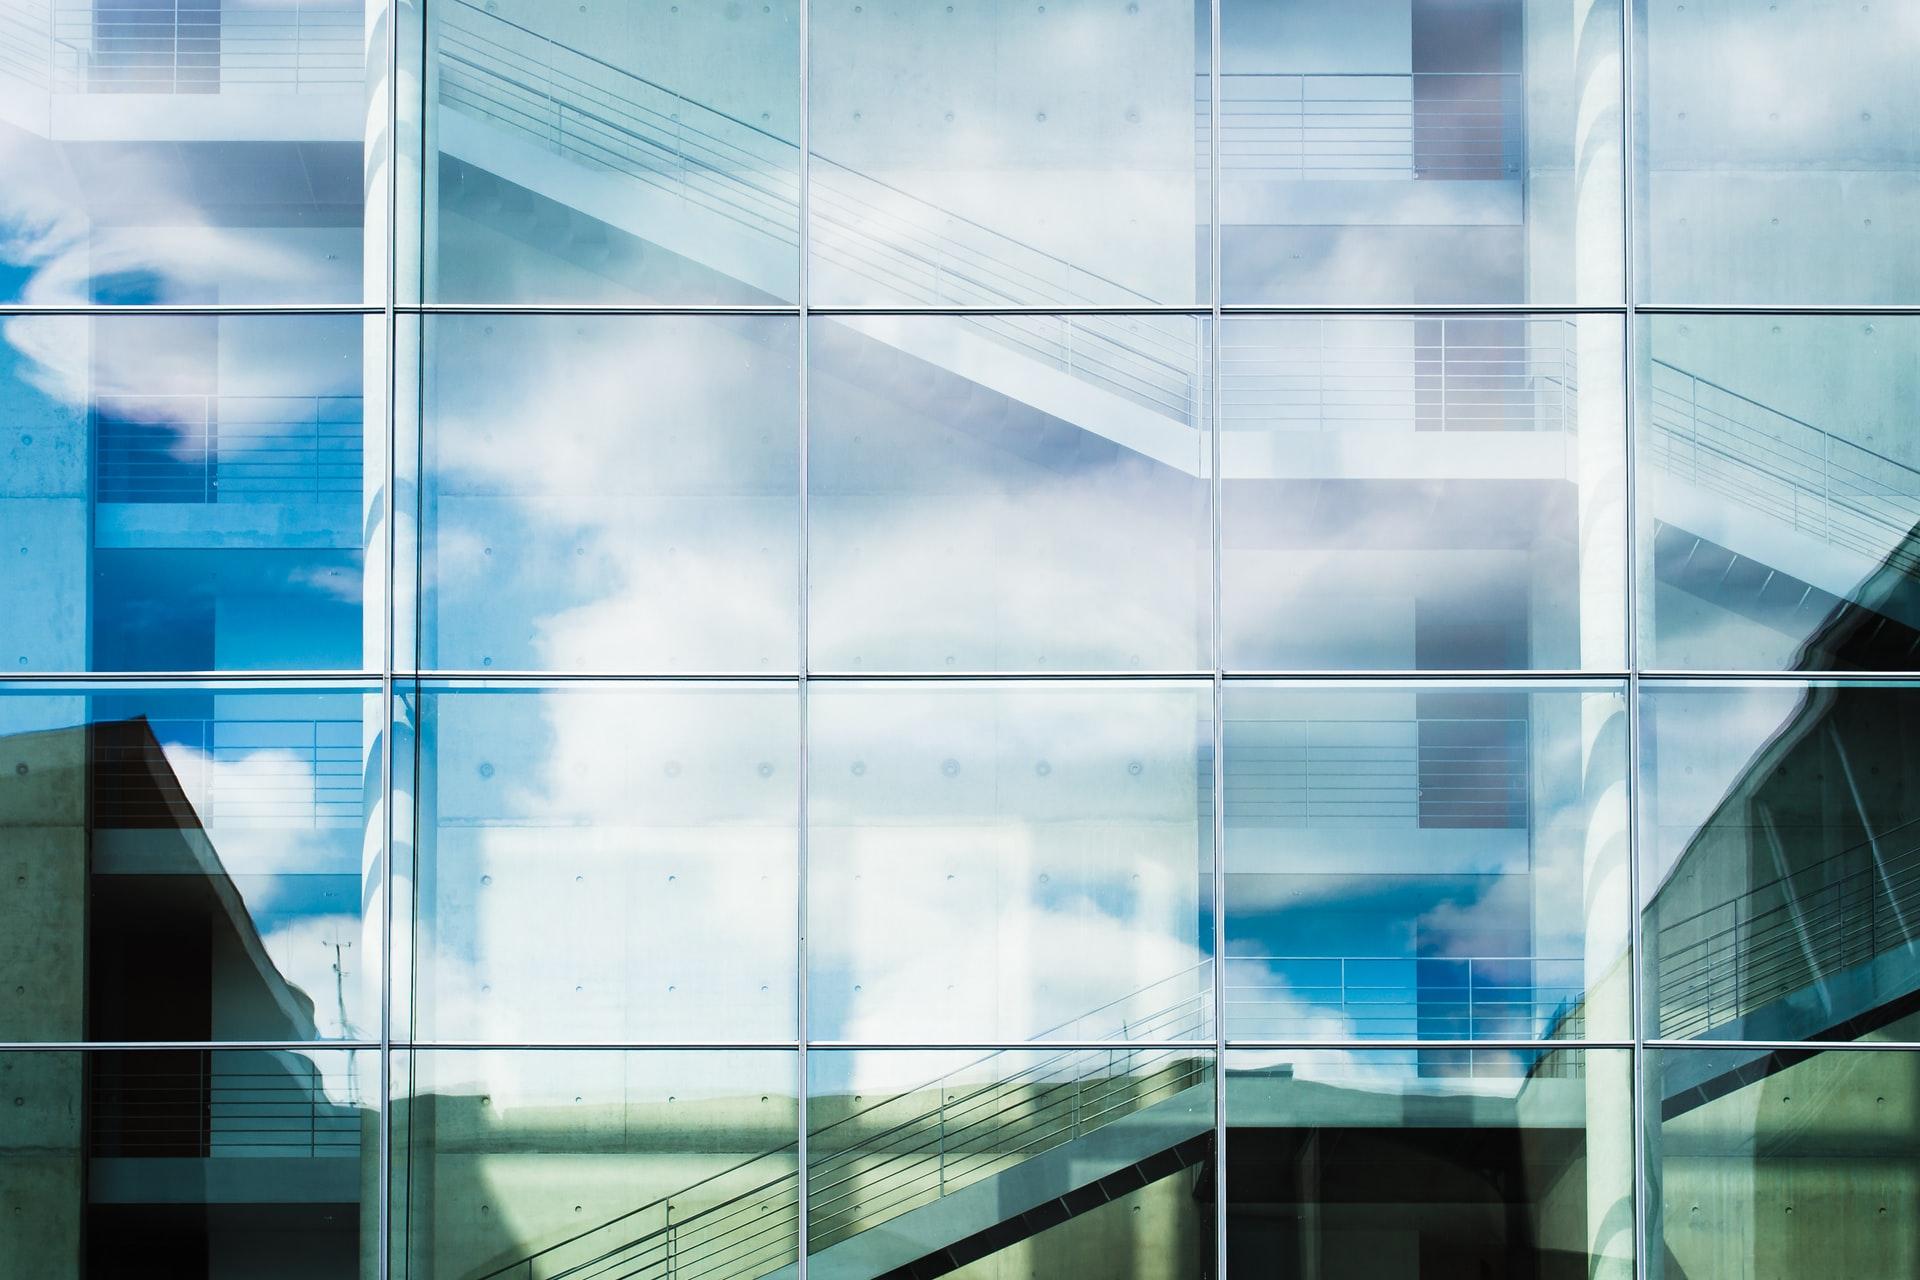 michael windows